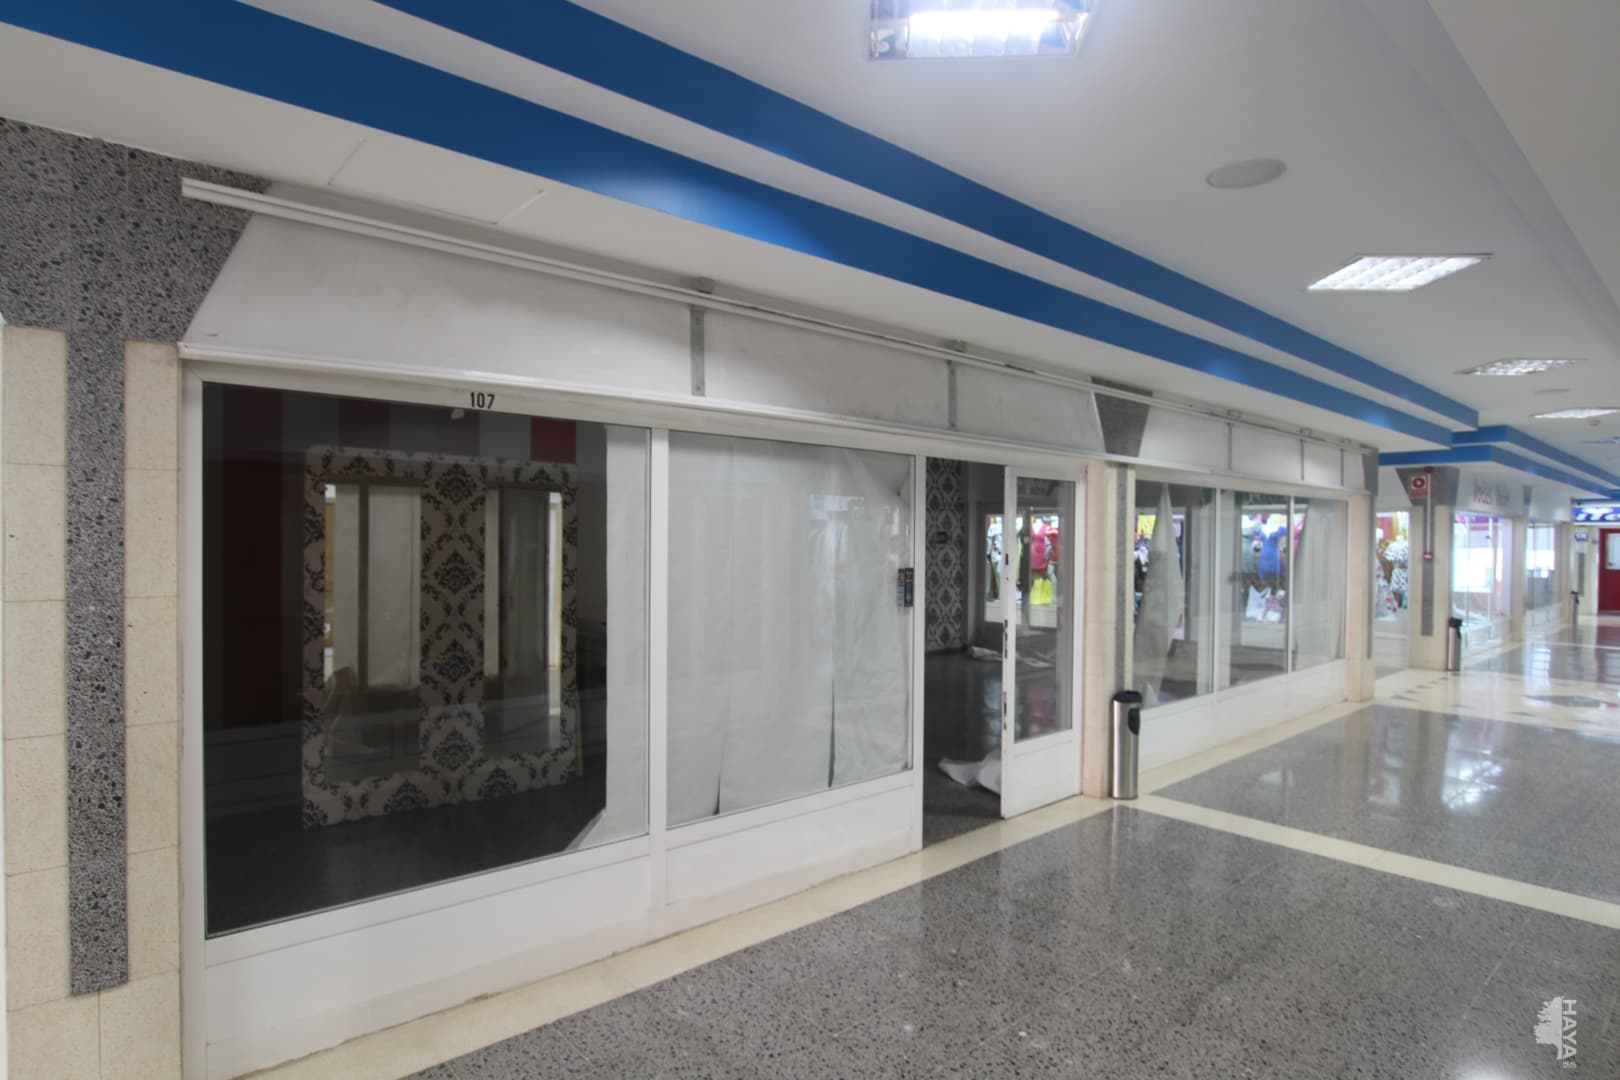 Local en venta en Santa Cruz de Tenerife, Santa Cruz de Tenerife, Carretera General del Sur ( Cc.concorde), 35.310 €, 54 m2